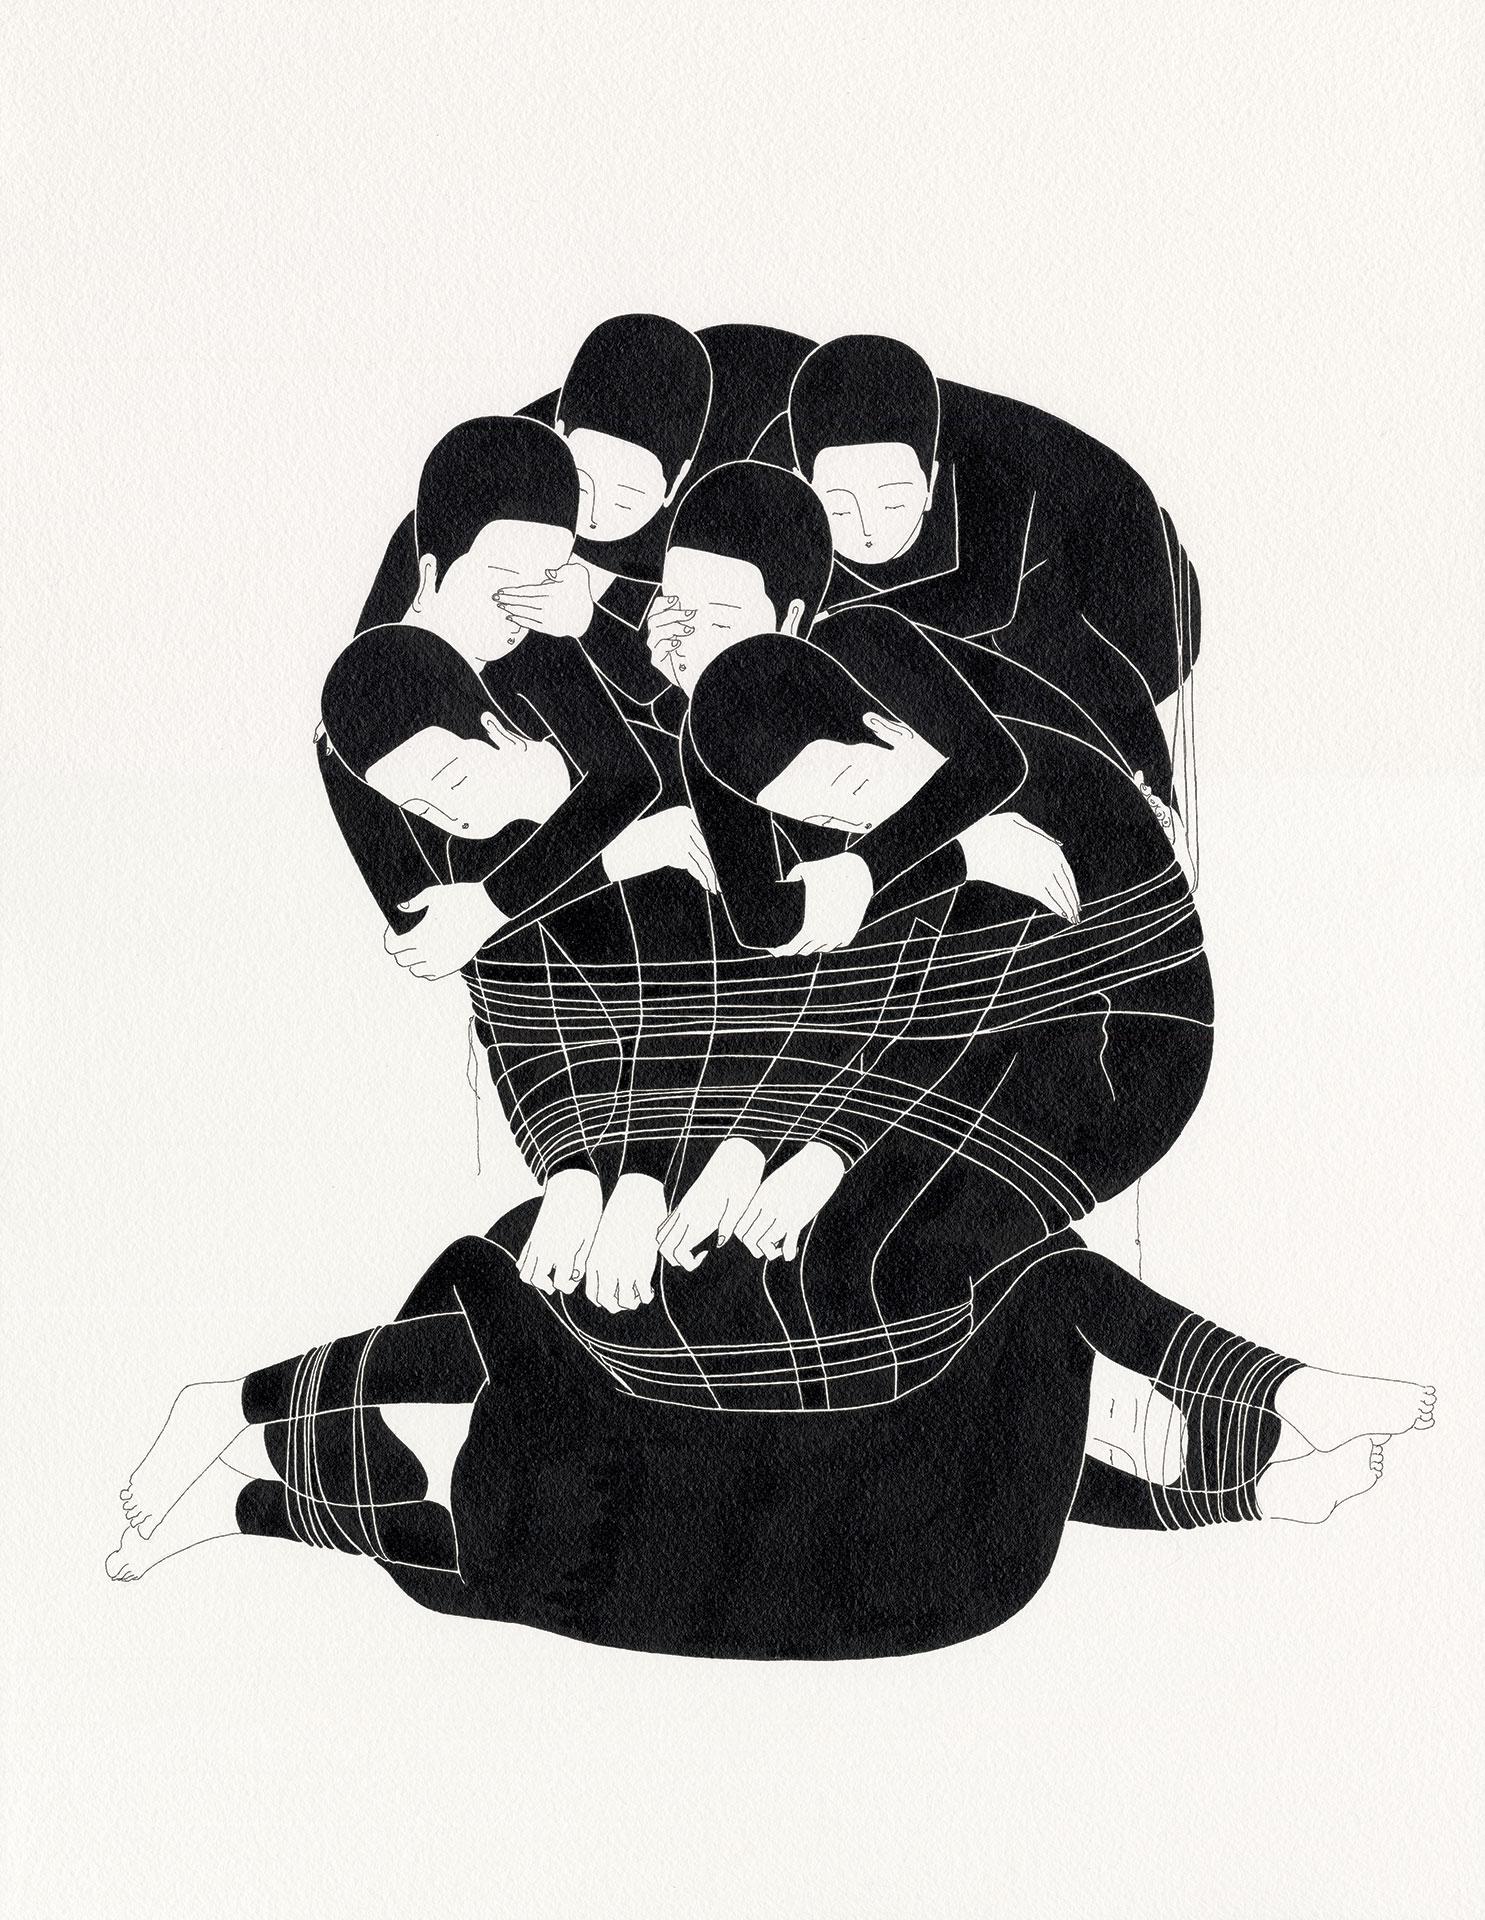 우울 덩어리  /  Creature of loneliness   Op.0126P -41 x 53 cm,종이에 잉크 / Ink on paper, 2016